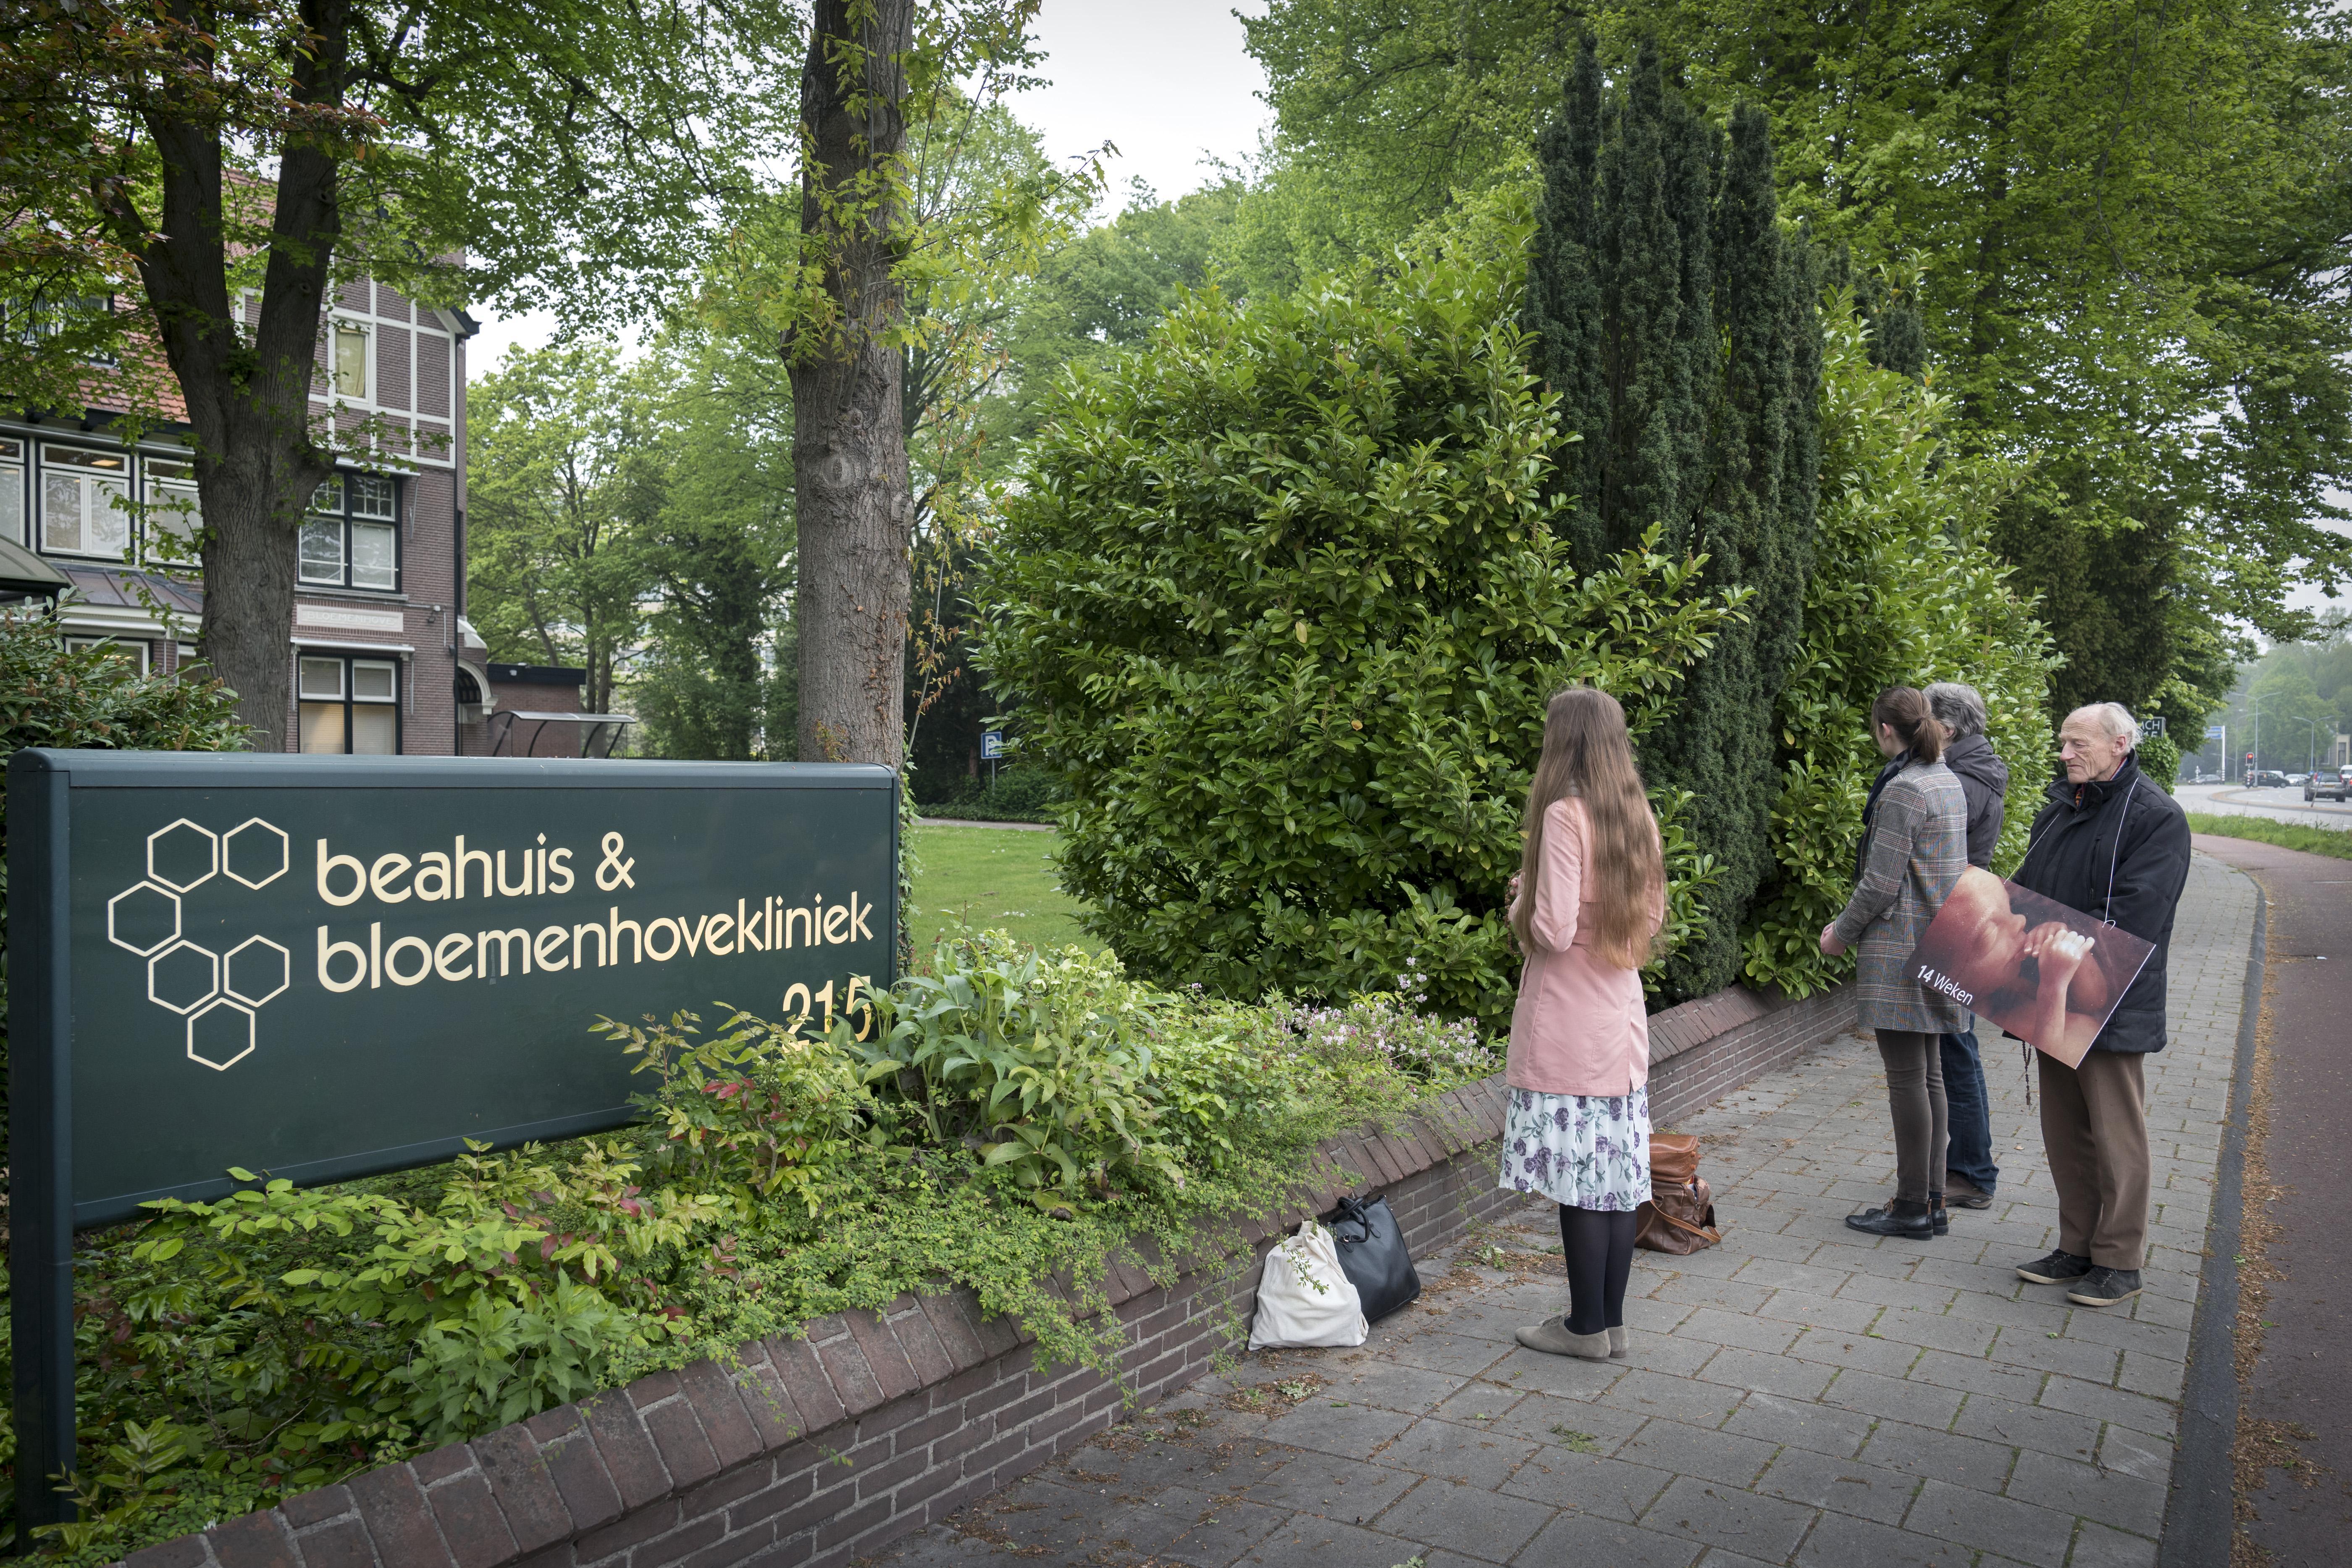 Buurman abortuskliniek Bloemenhove weert zelf demonstranten met een doek: 'Val die vrouwen en meisjes niet lastig!'